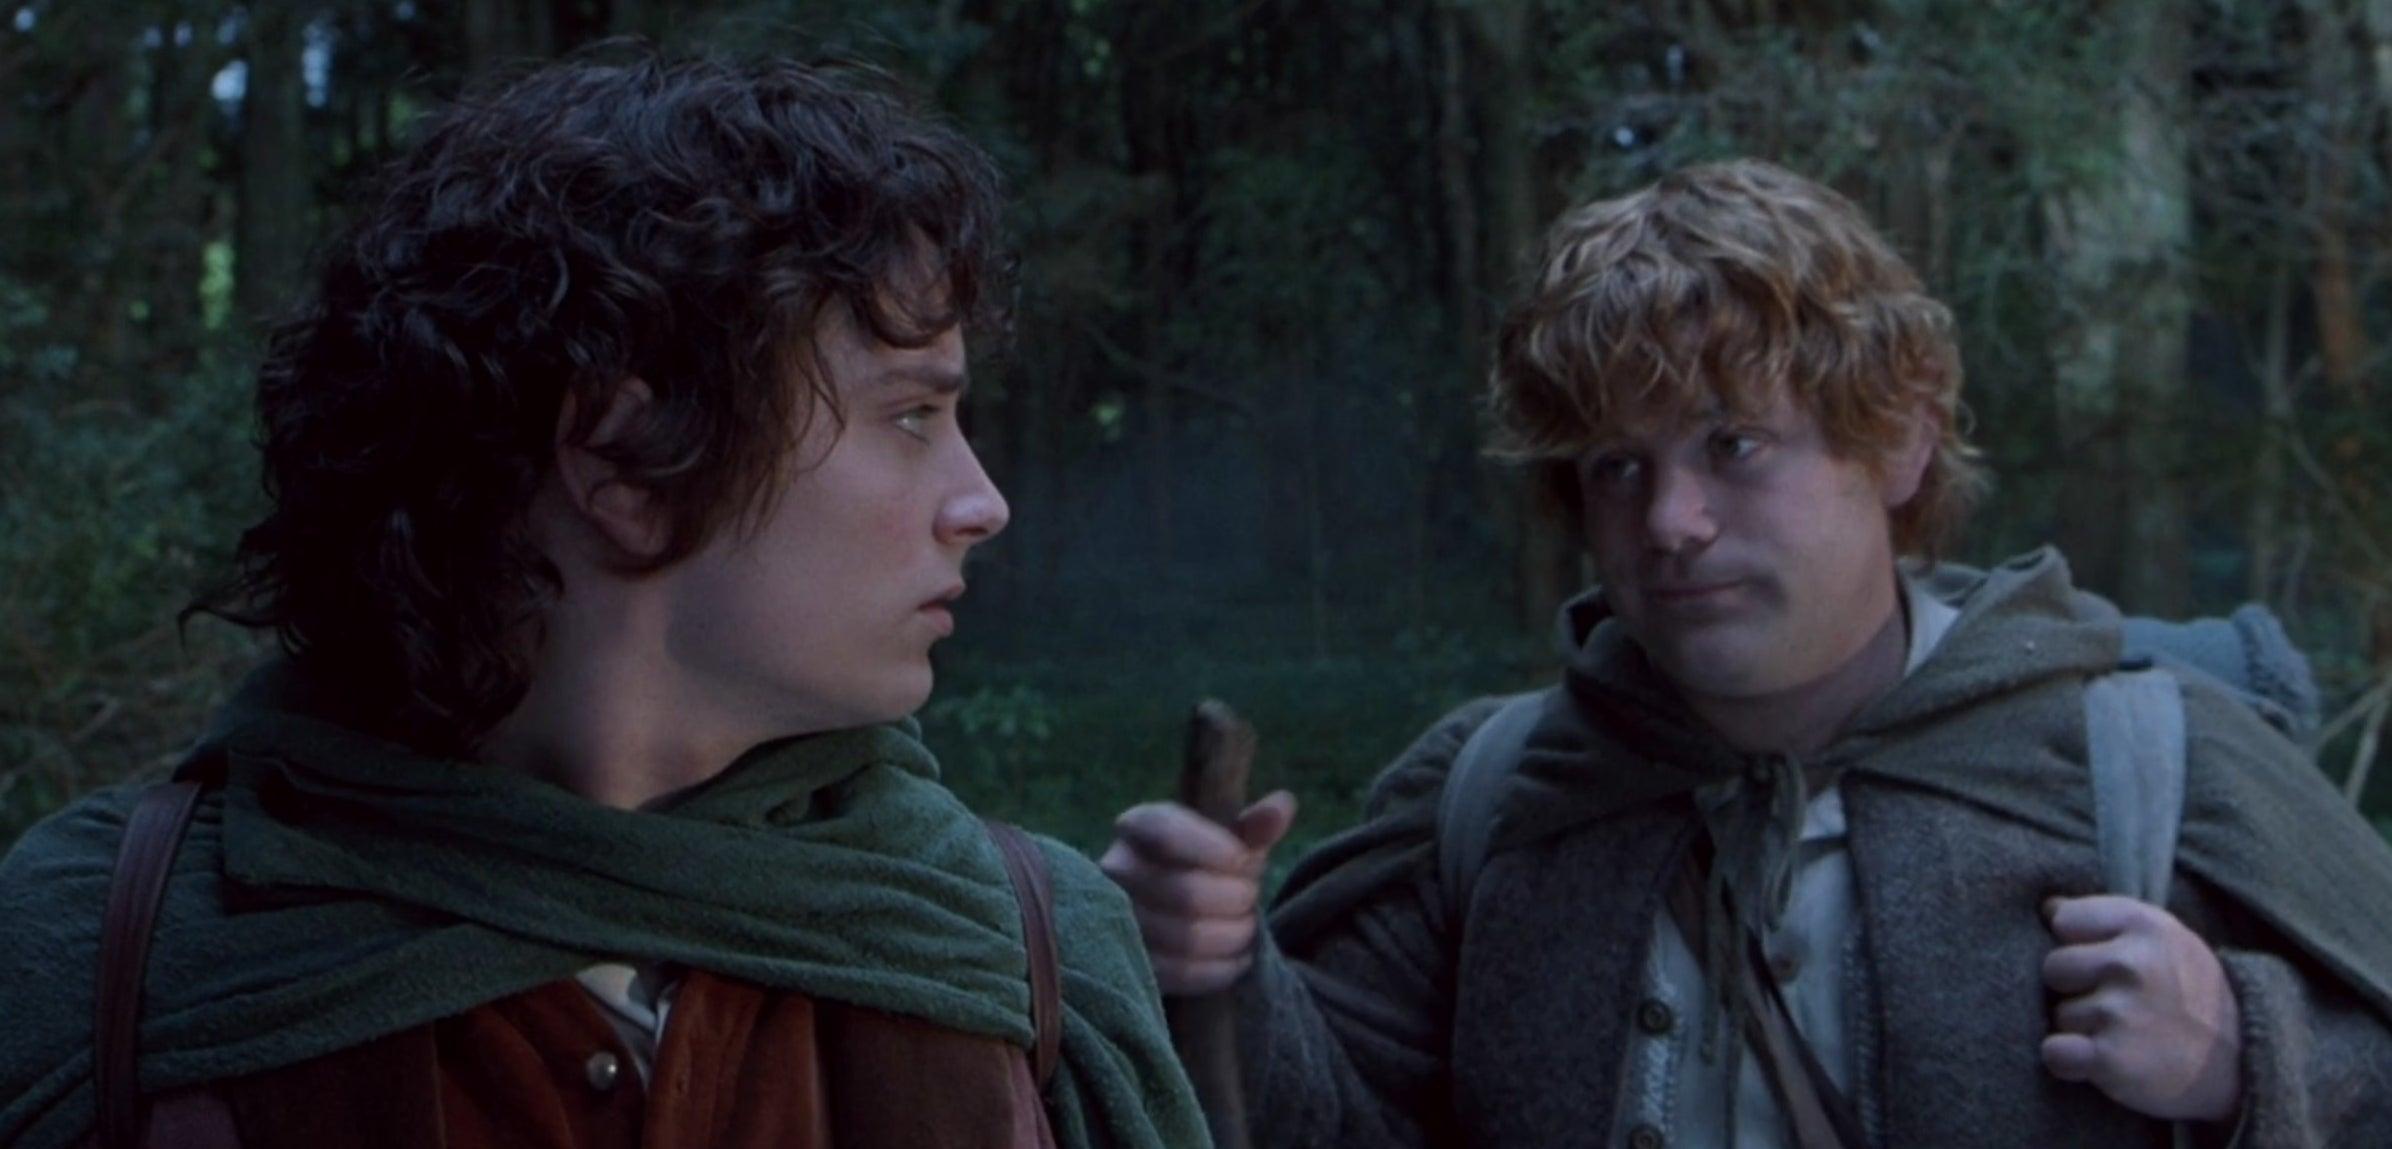 Two men in cloaks